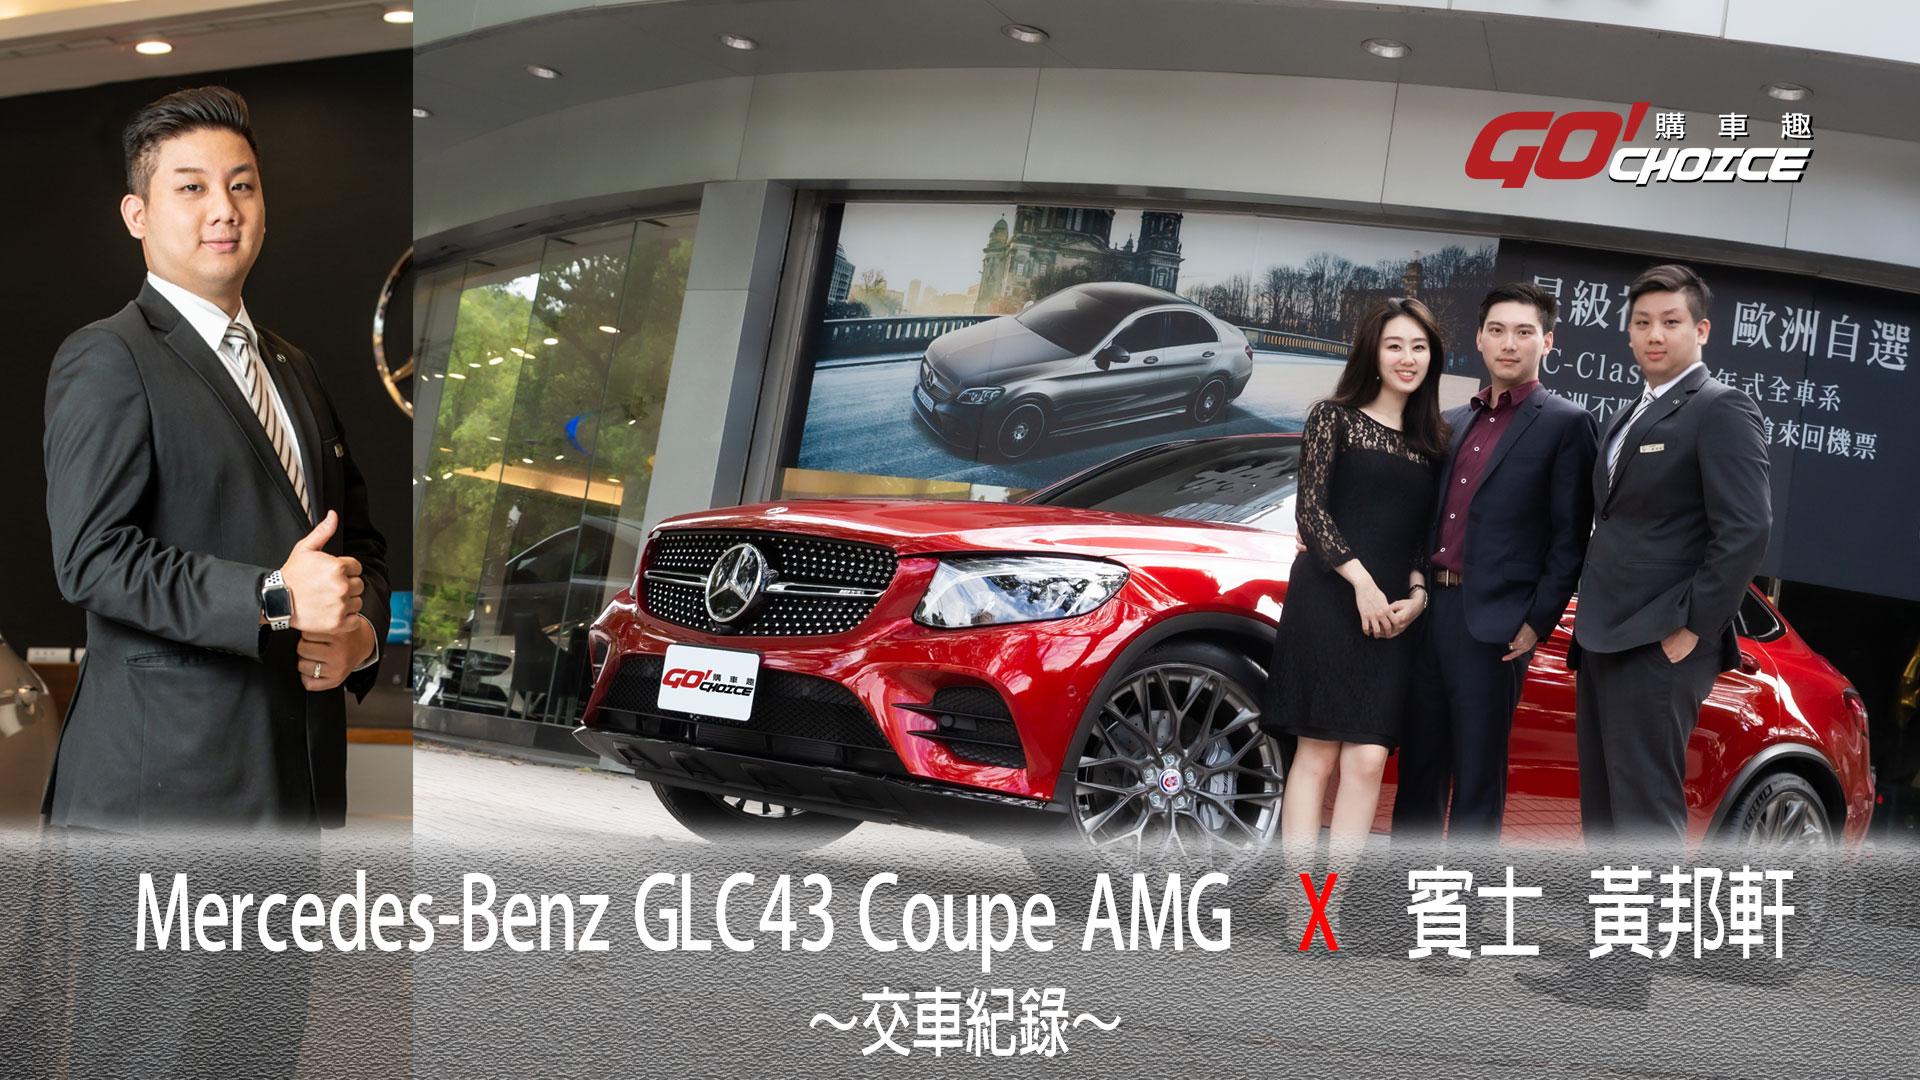 交車紀錄影片 Mercedes-Benz GLC43 Coupe AMG_賓士 士林 銷售顧問_黃邦軒